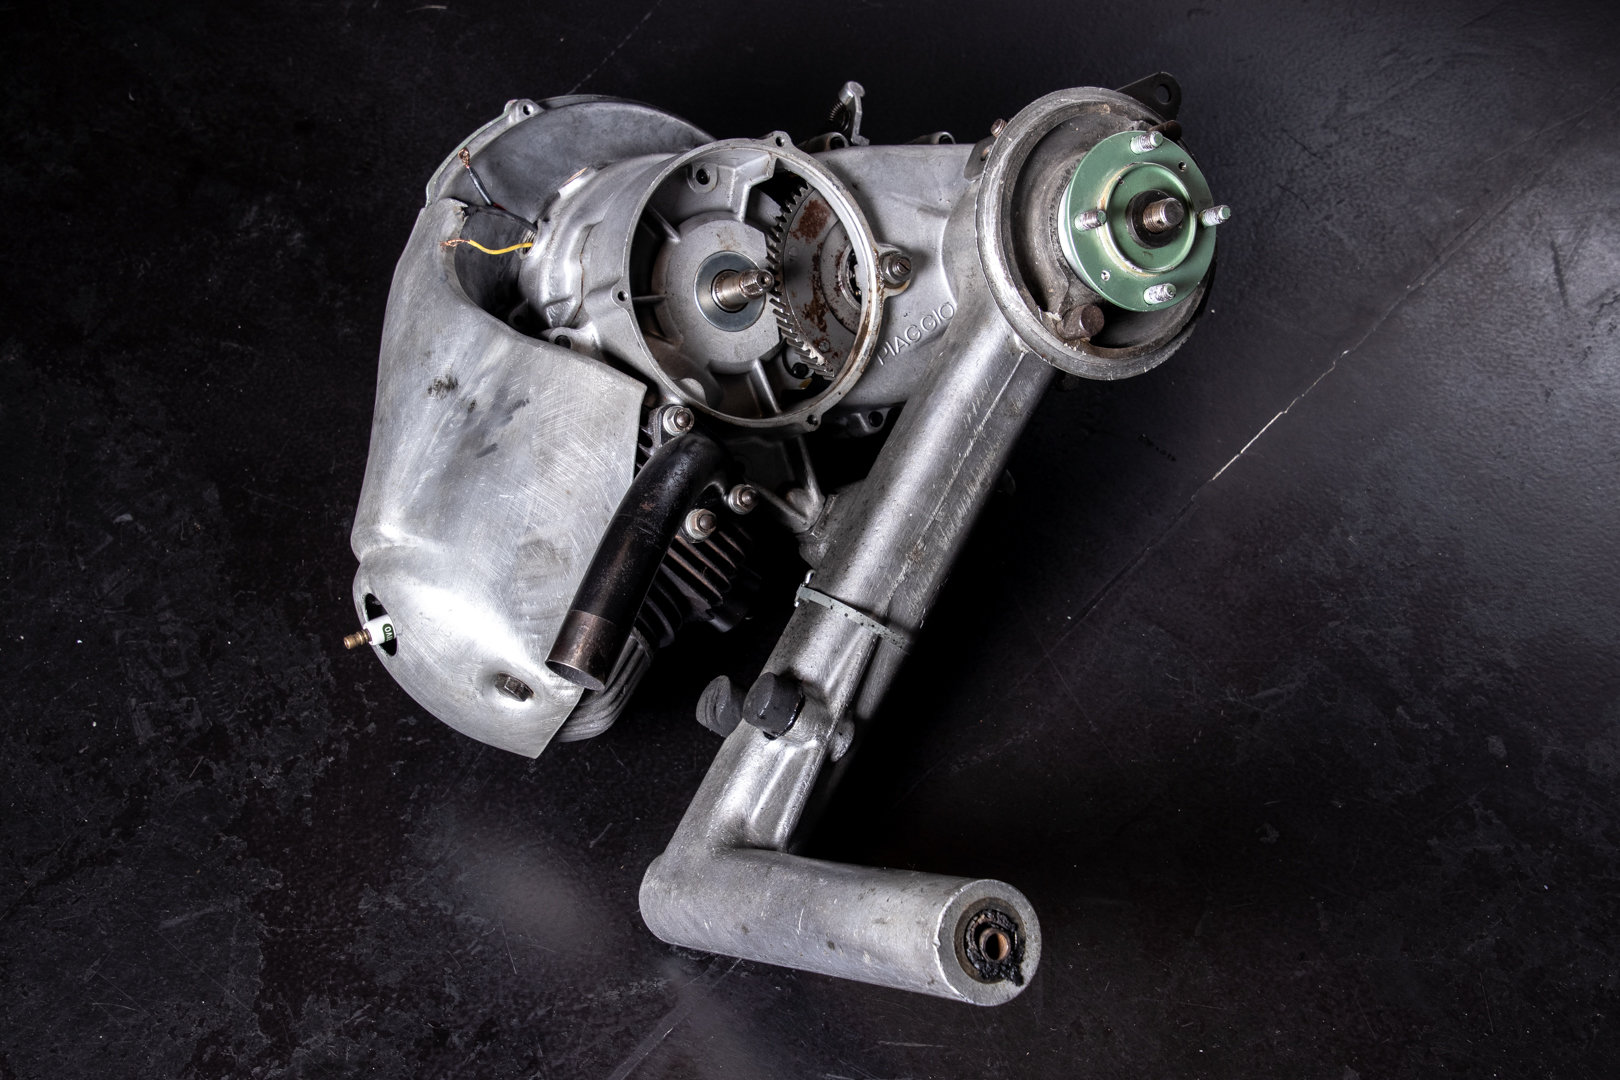 1950 Piaggio Vespa Engine For Sale (picture 1 of 8)